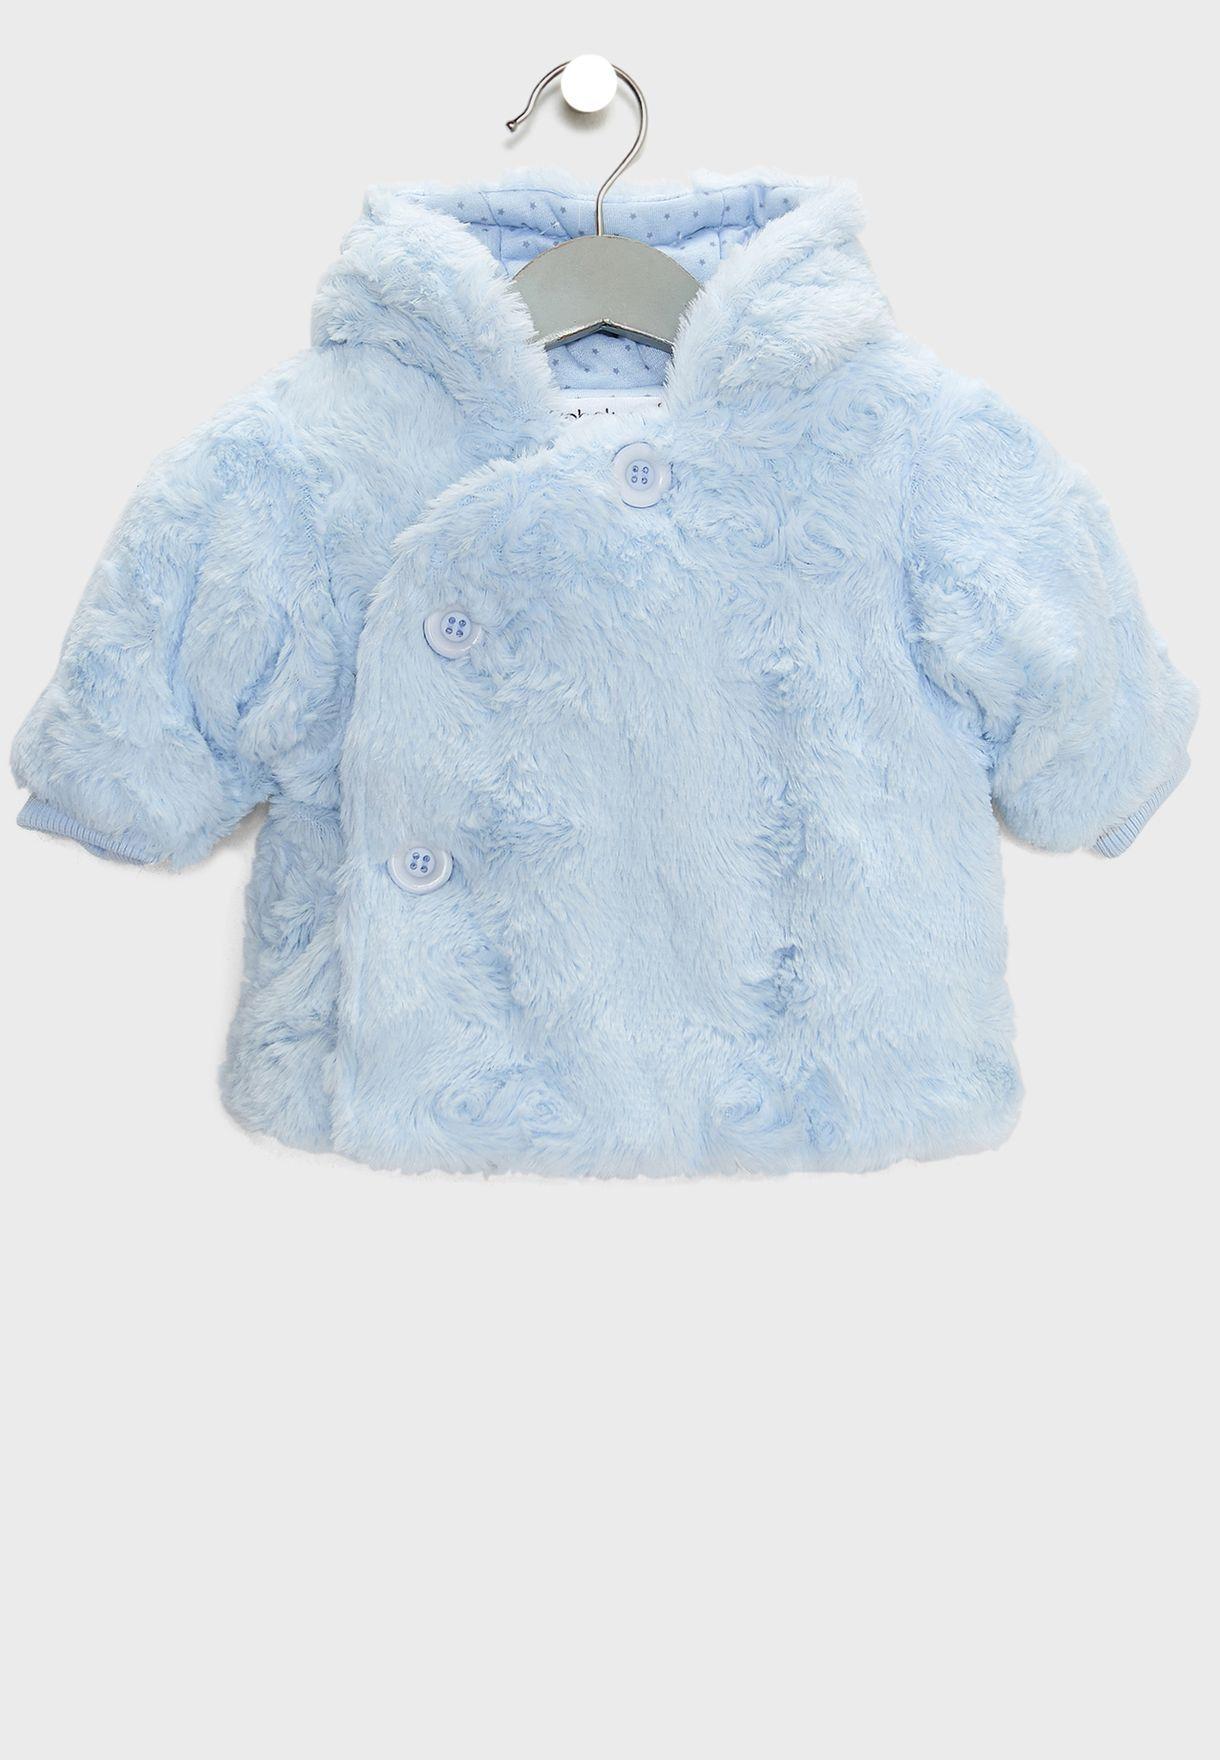 64fd0eba1 Shop Minoti blue Infant Fur Jacket fishing 1 for Kids in Kuwait ...